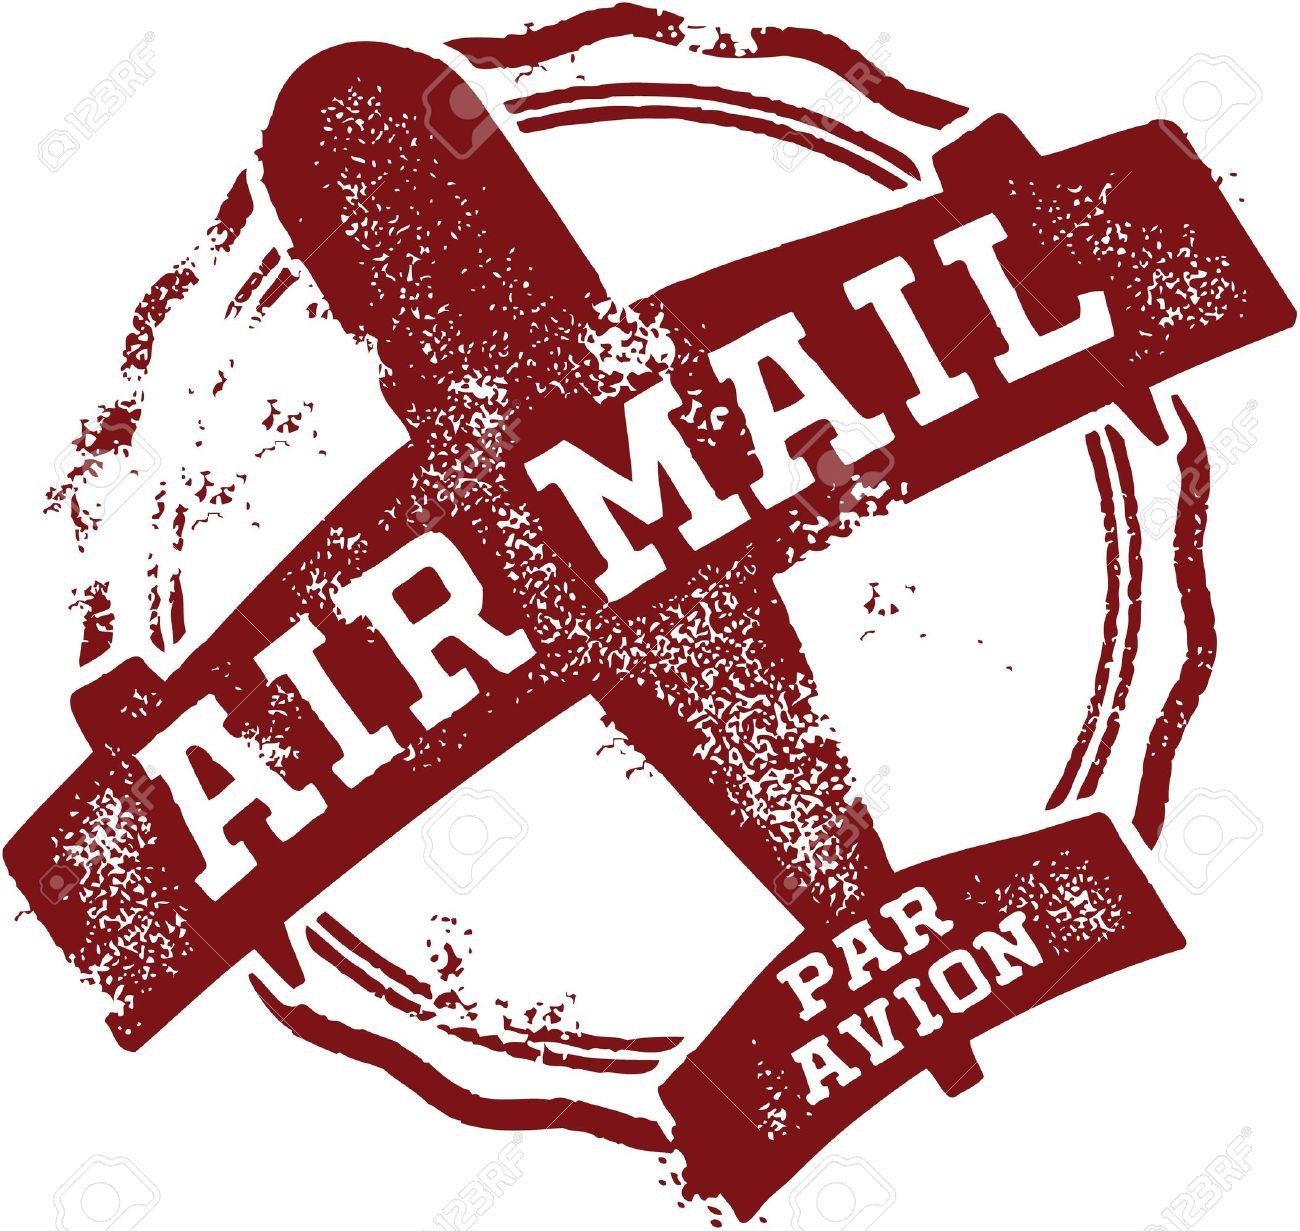 Vintage Air Mail Postmark - 19600970